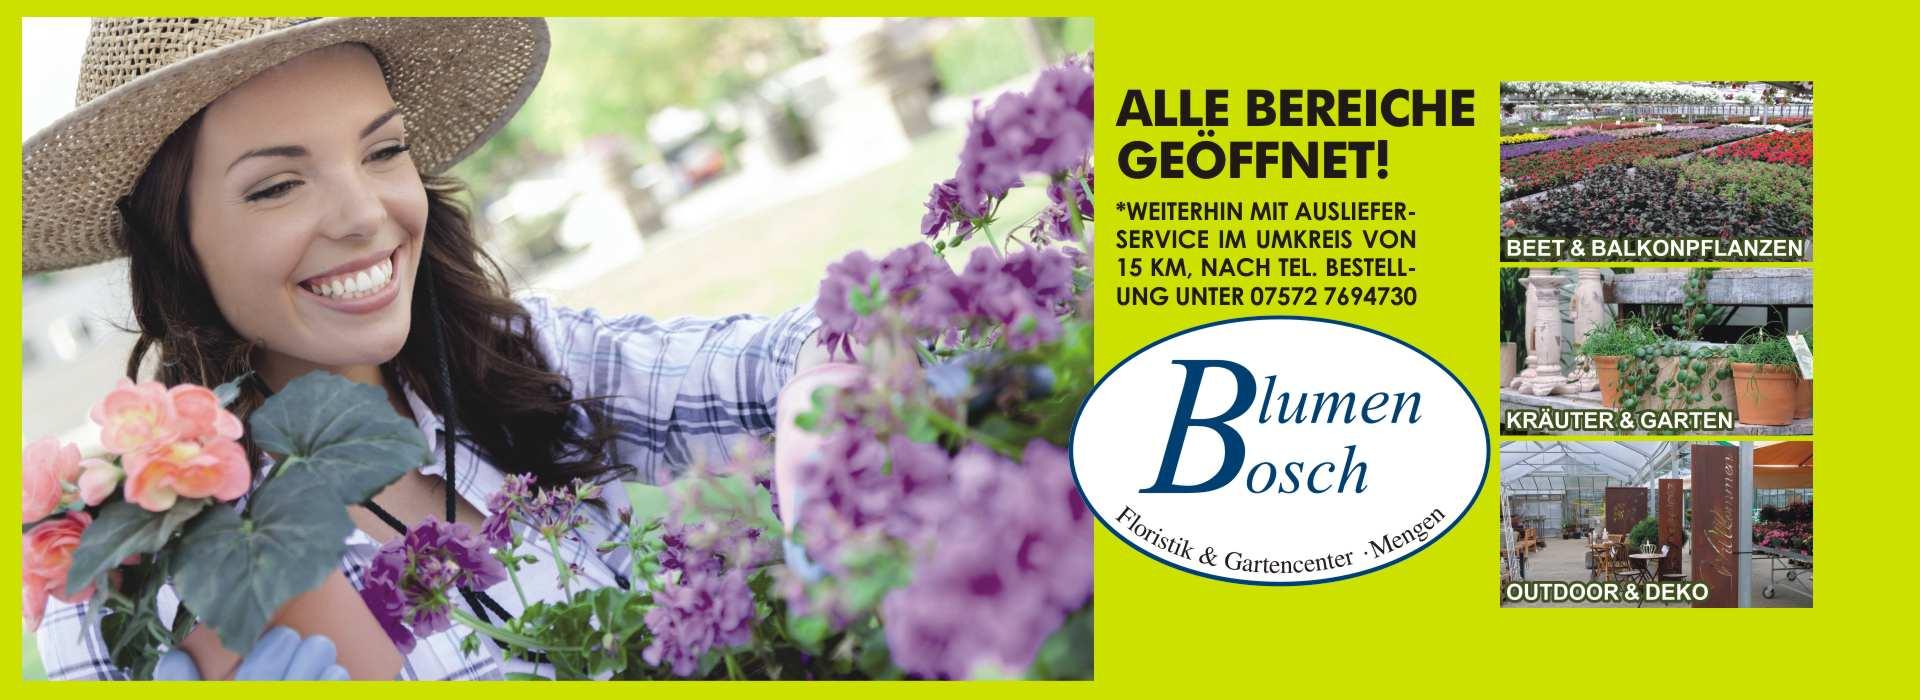 Blumen-Bosch20-05-20-slider